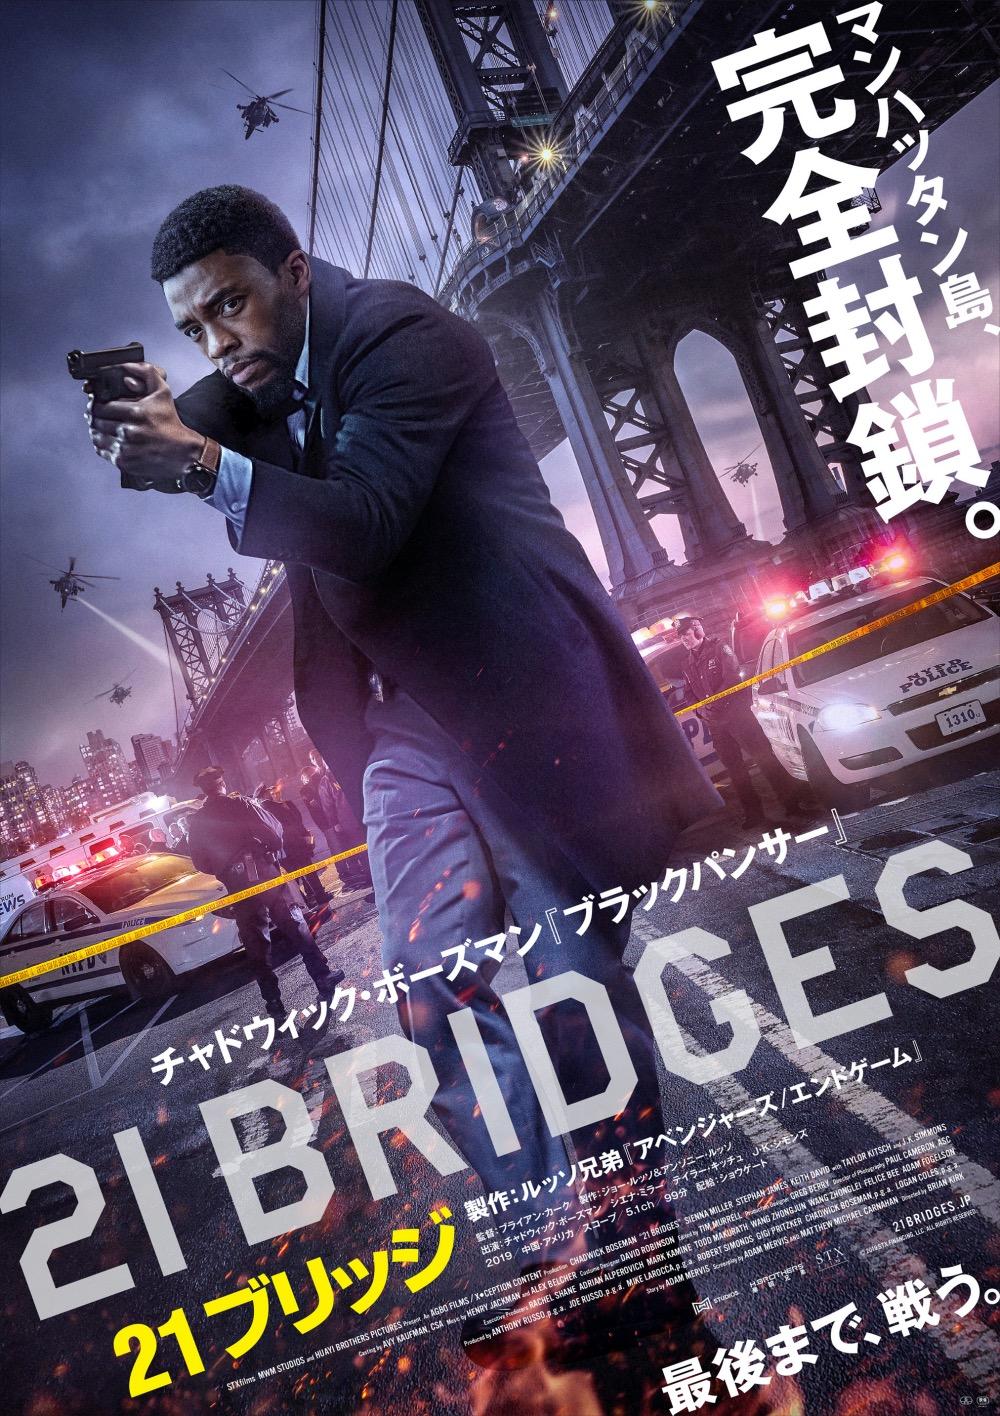 『21ブリッジ』